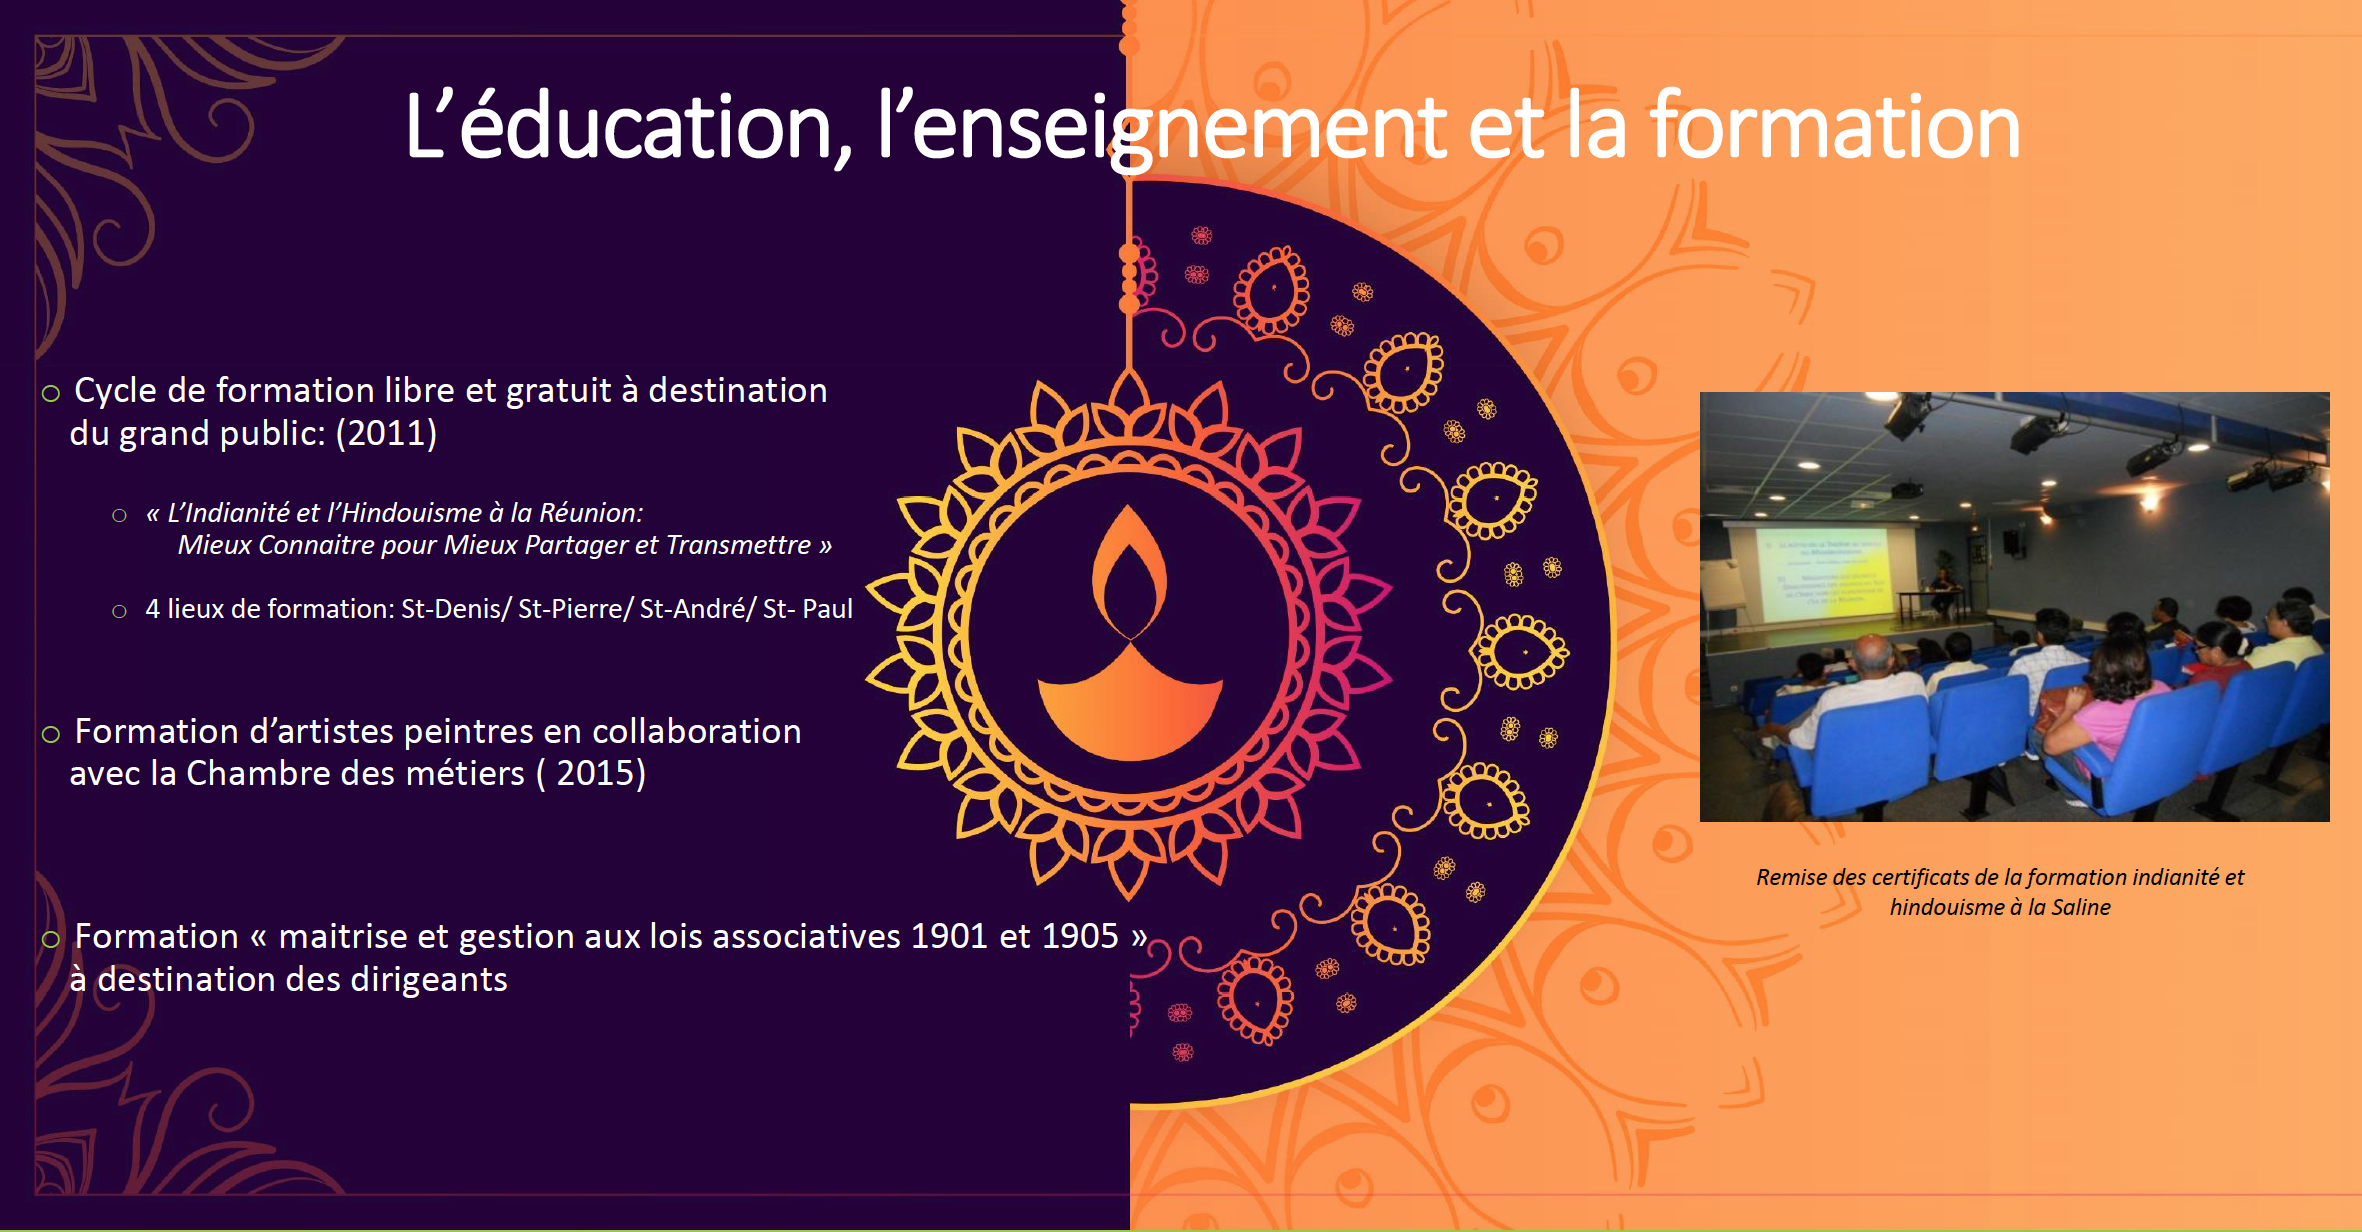 action Education enseignement et formation